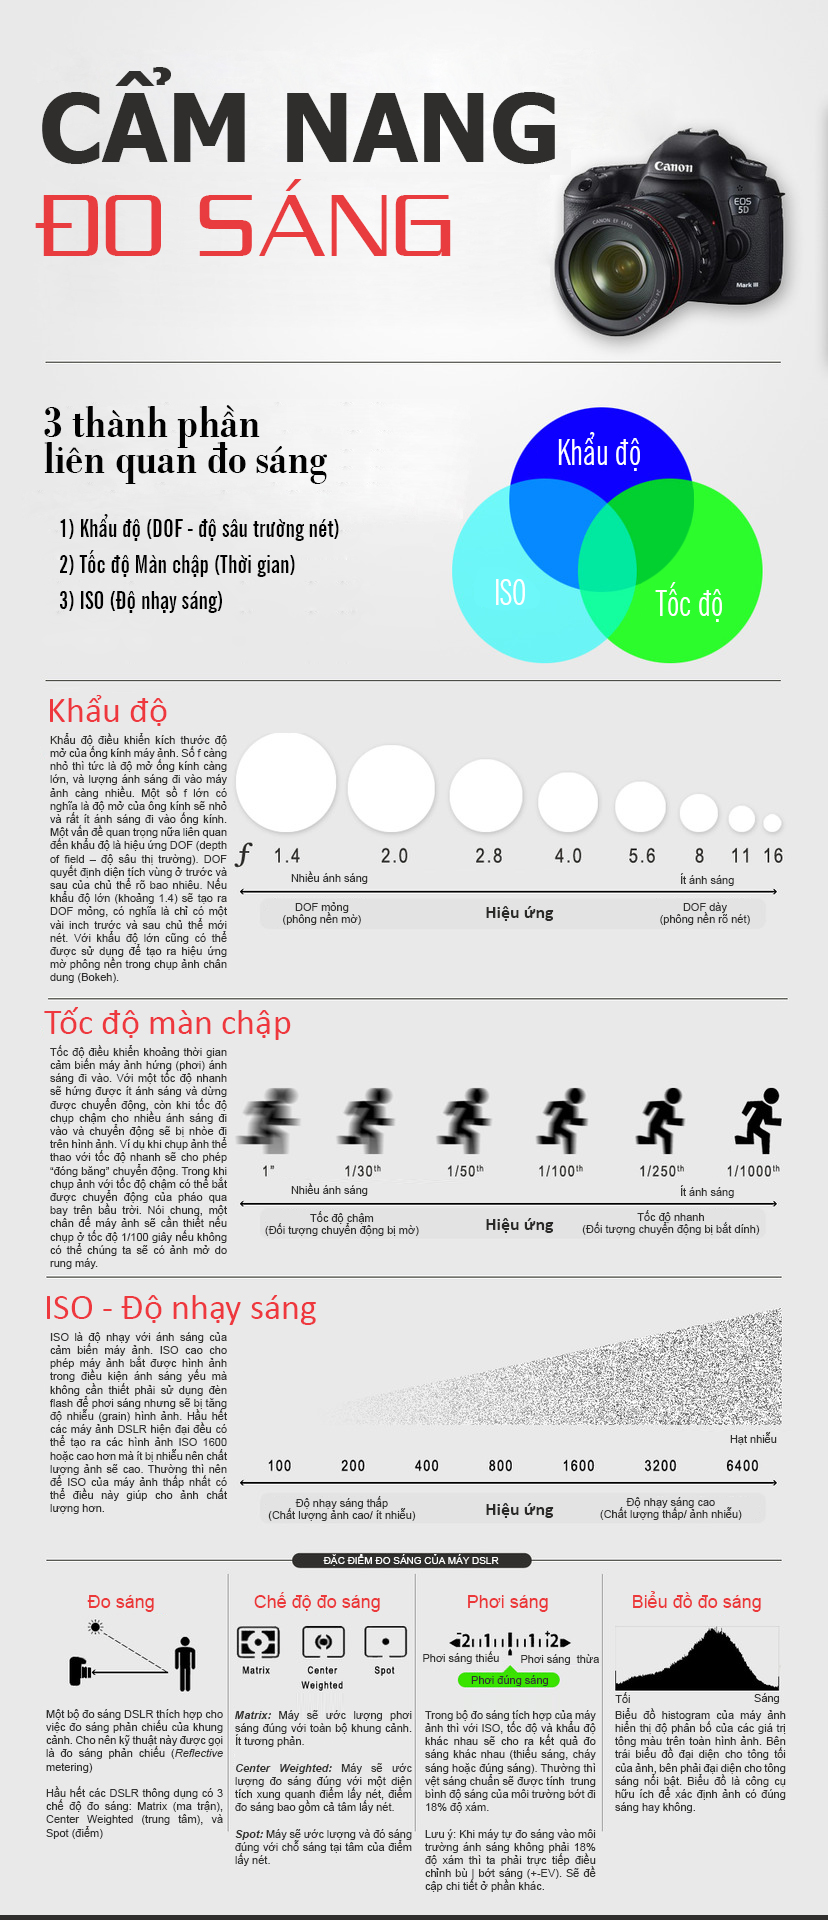 [Infographic] Cẩm nang đo sáng trong nhiếp ảnh